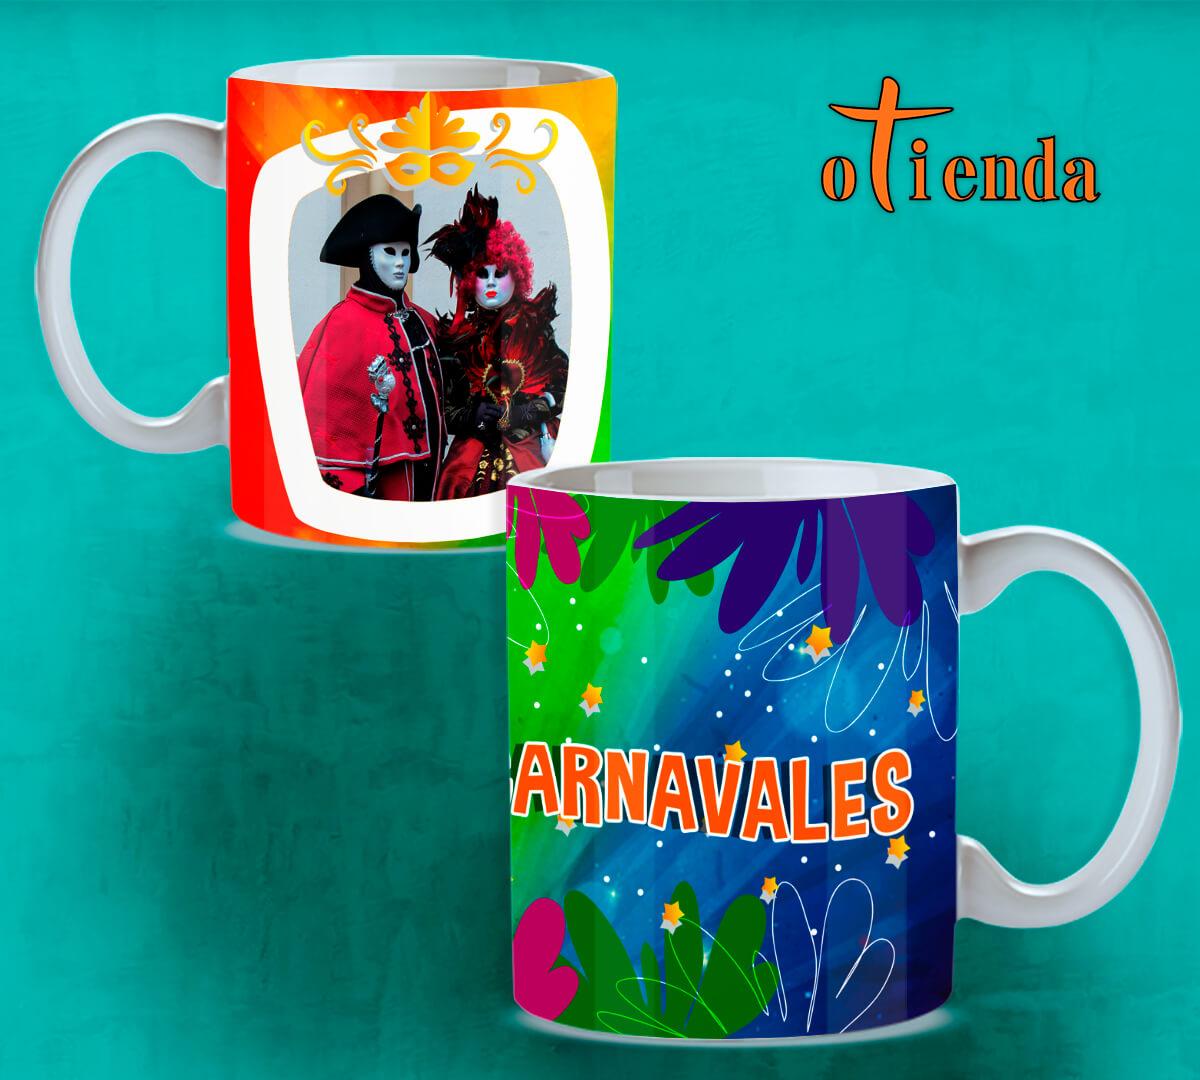 Taza cerámica Carnaval personalizada